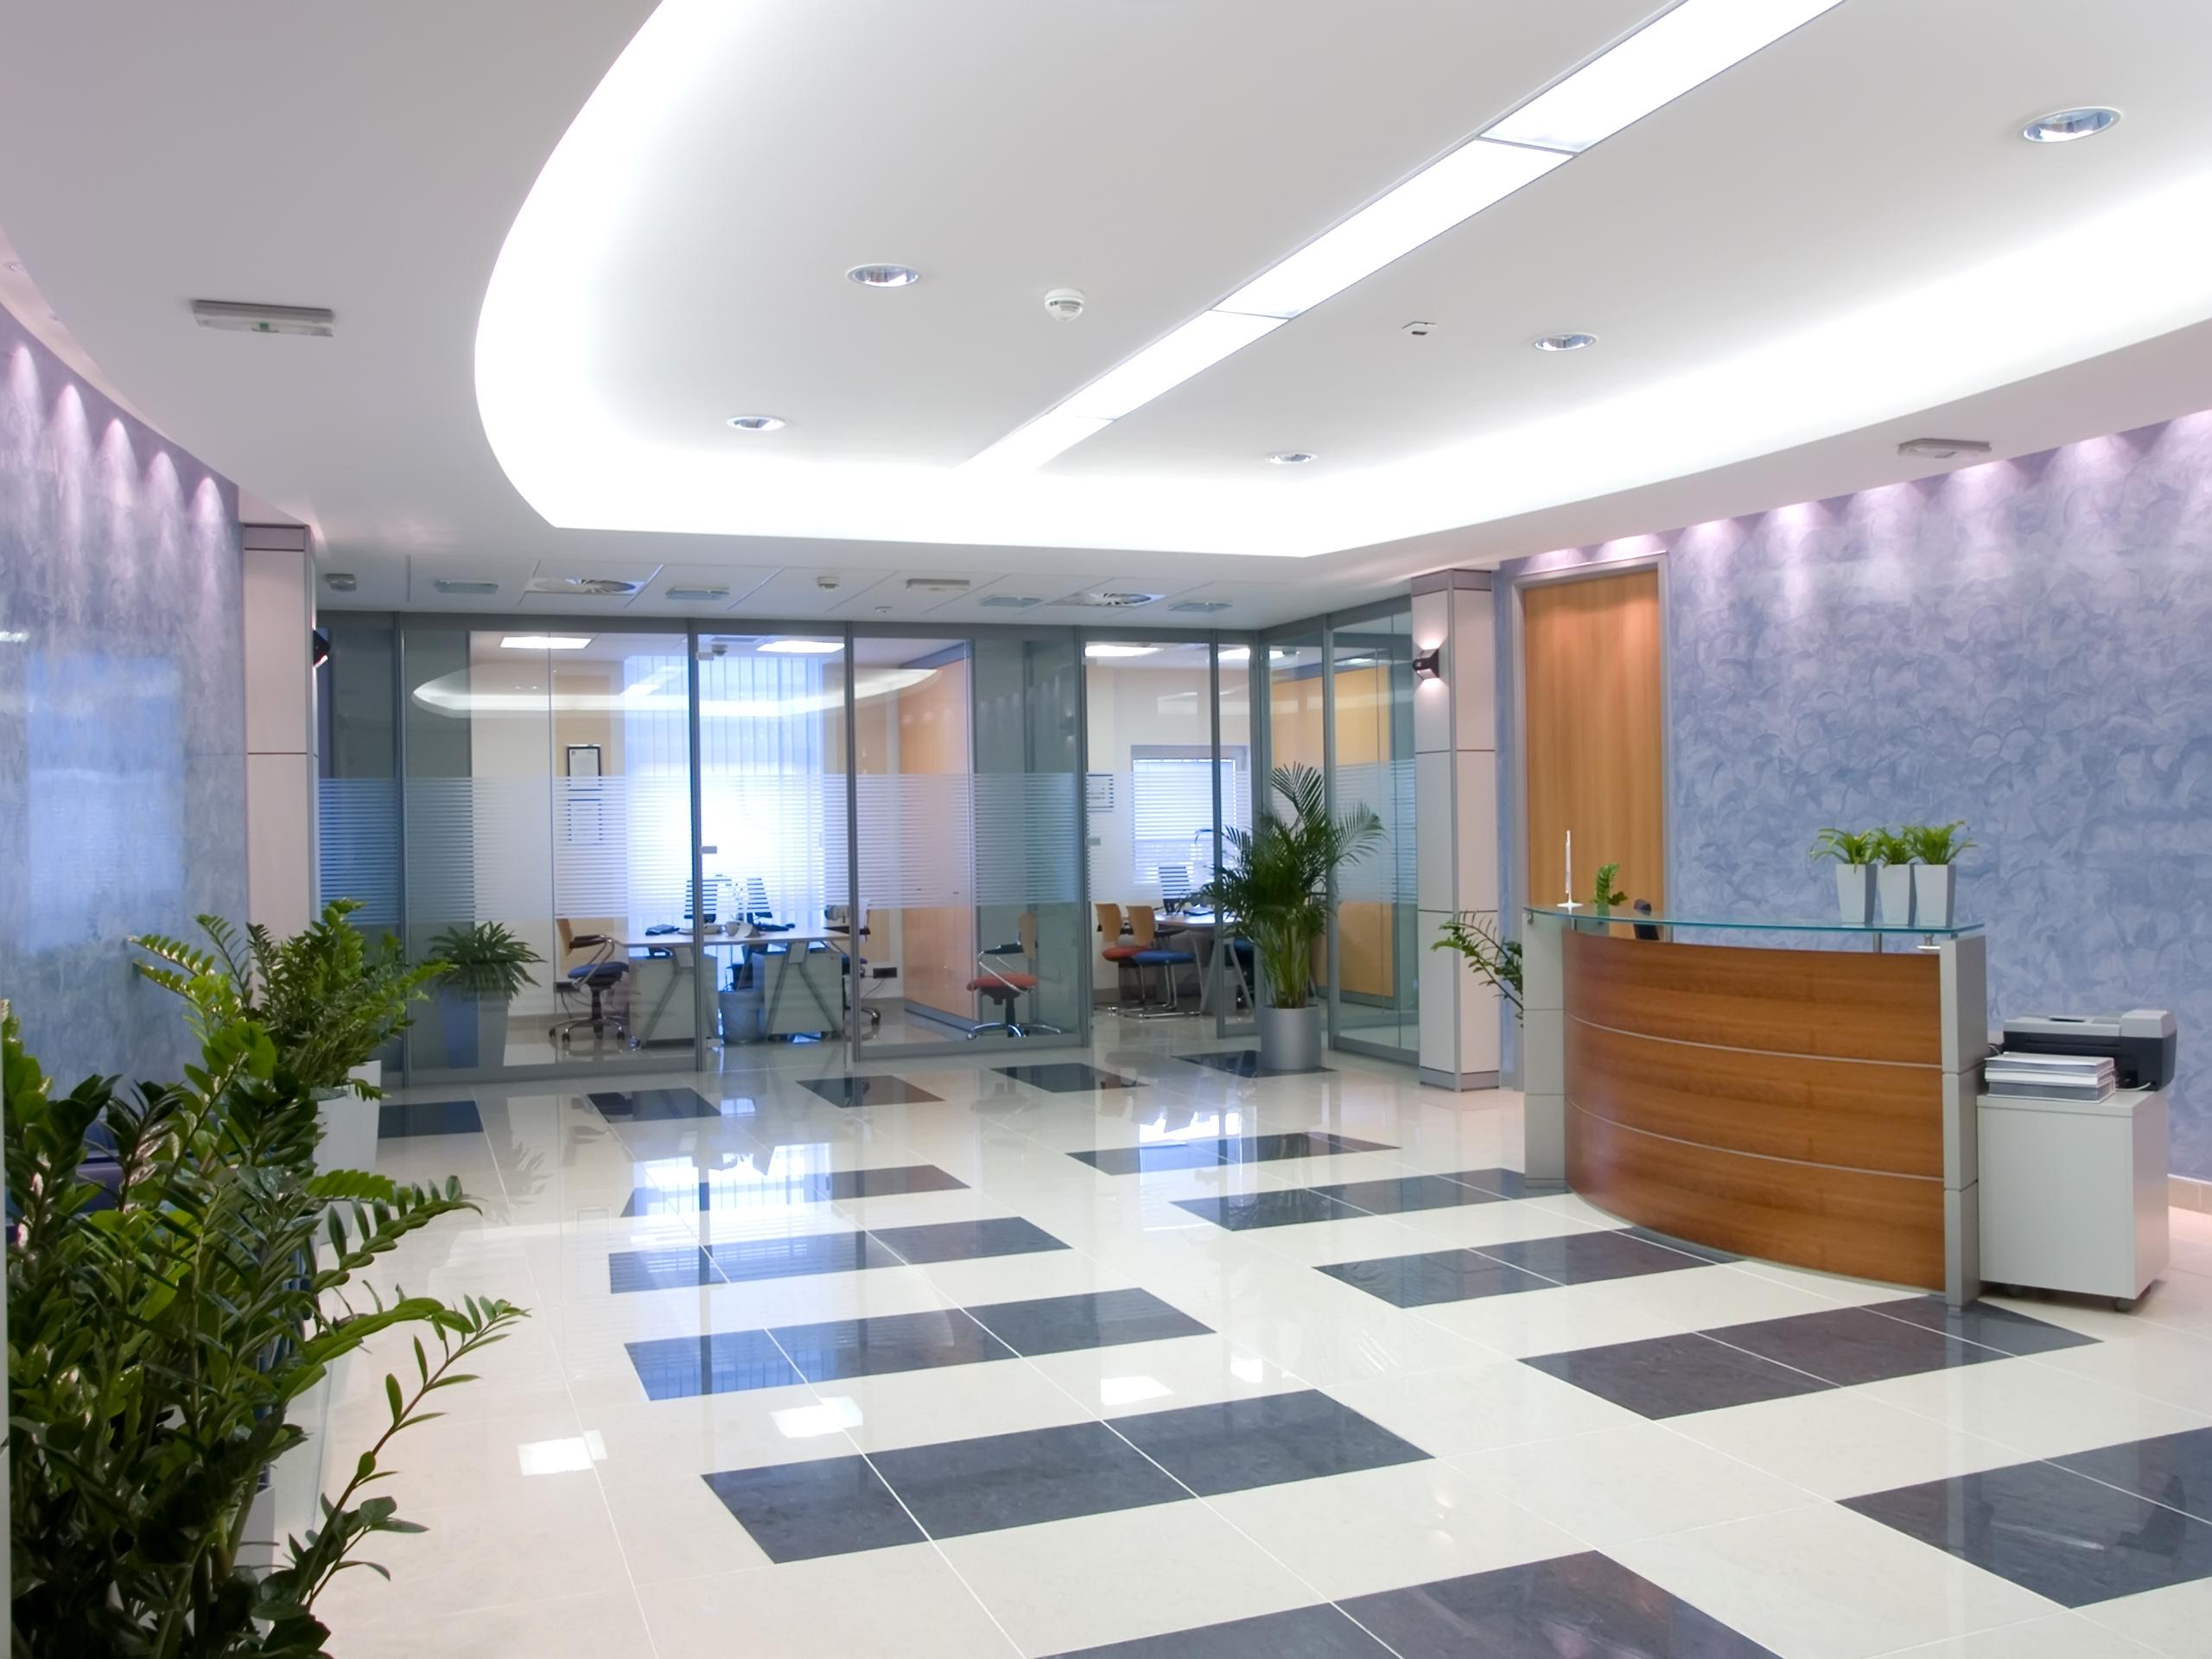 Đèn ốp trần thông minh, đèn trần thông minh điều khiển từ xa, trang trí phòng khách, phòng ngủ, phòng họp, chính hãng Rạng Đông model LN22 500mm/40W điều chỉnh độ sáng Dimming, thay đổi màu ánh sáng